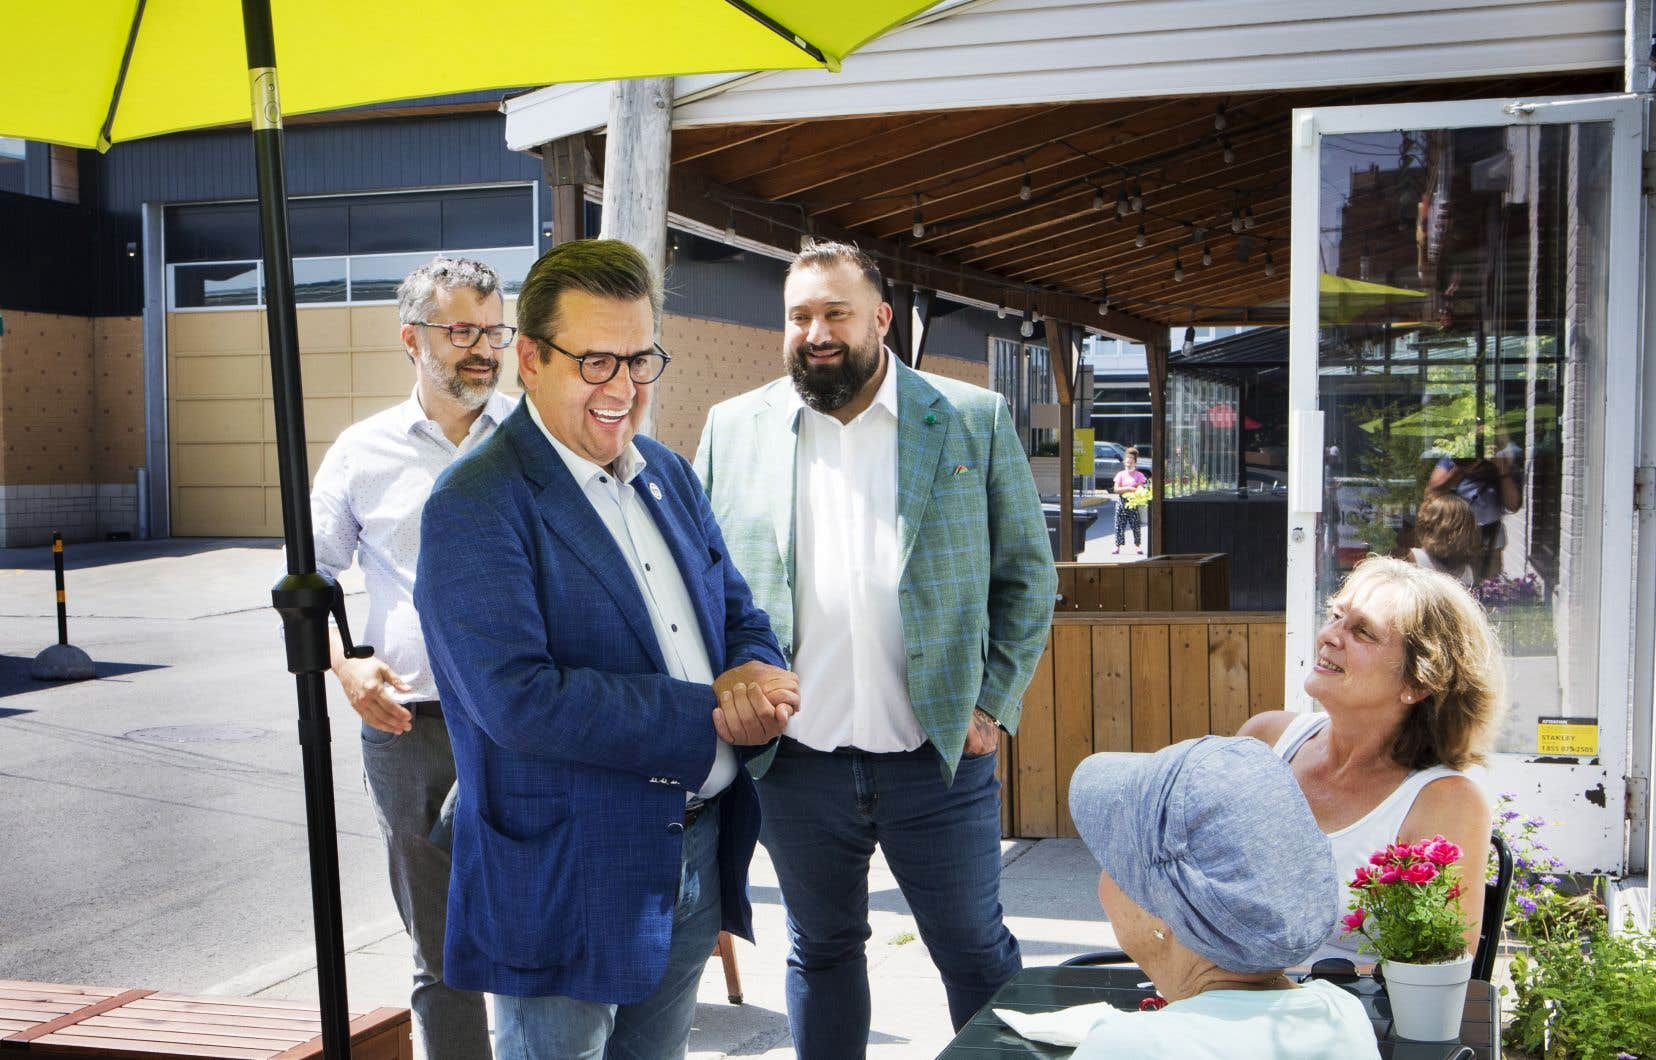 Denis Coderre est allé rencontrer des commerçants et passants au marché Jean-Talon et dans les environs après la conférence de presse jeudi présentant notamment Gilles Grondin (à gauche).